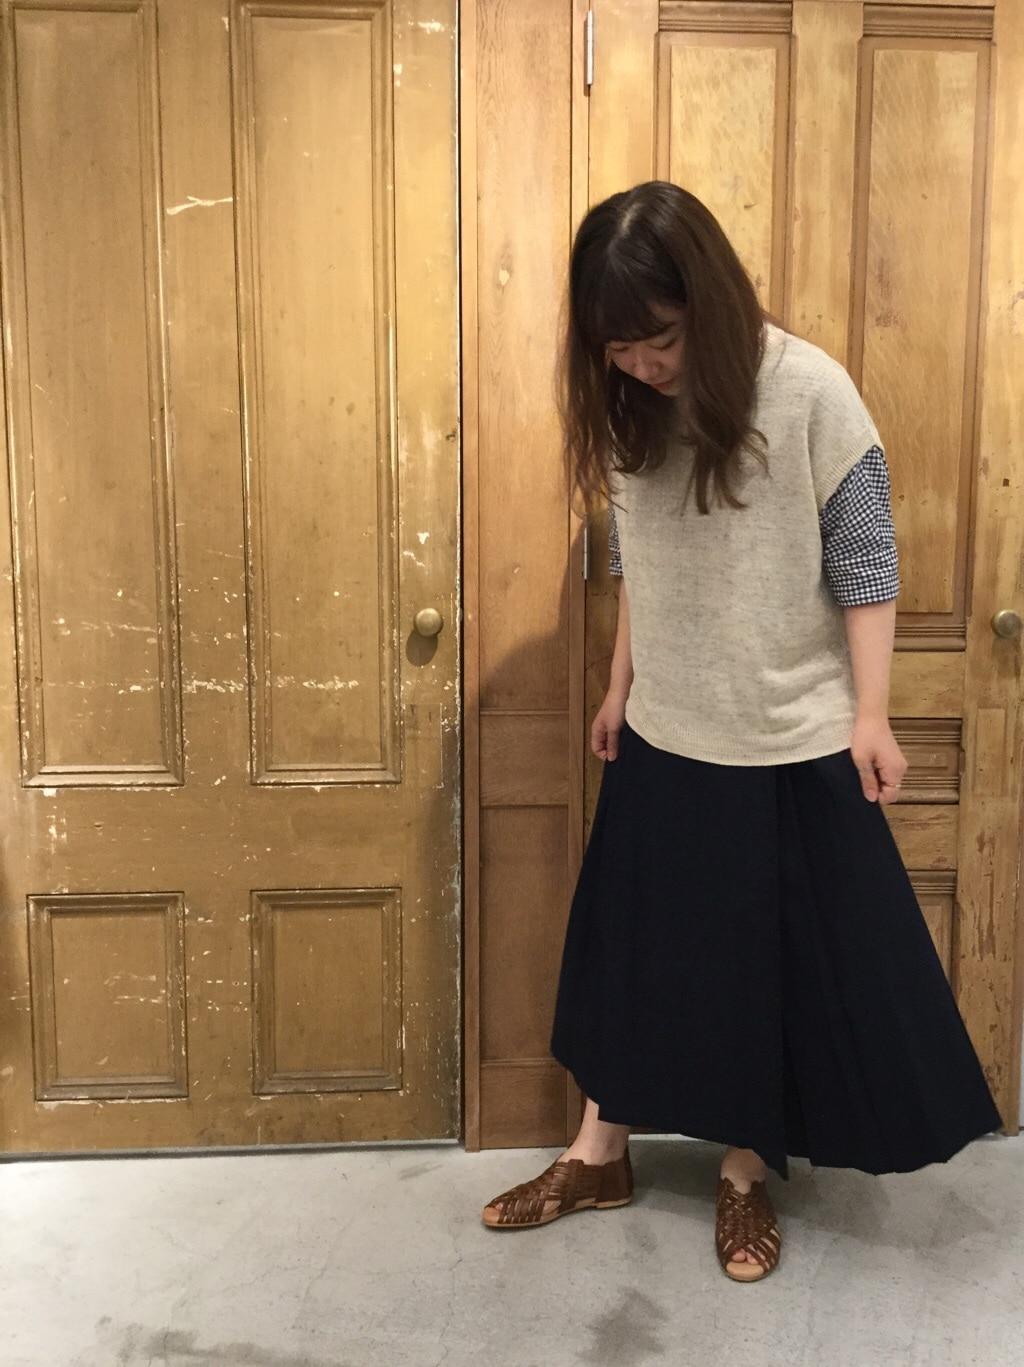 AMB SHOP PAR ICI FLAT AMB 名古屋栄路面 身長:163cm 2020.06.30